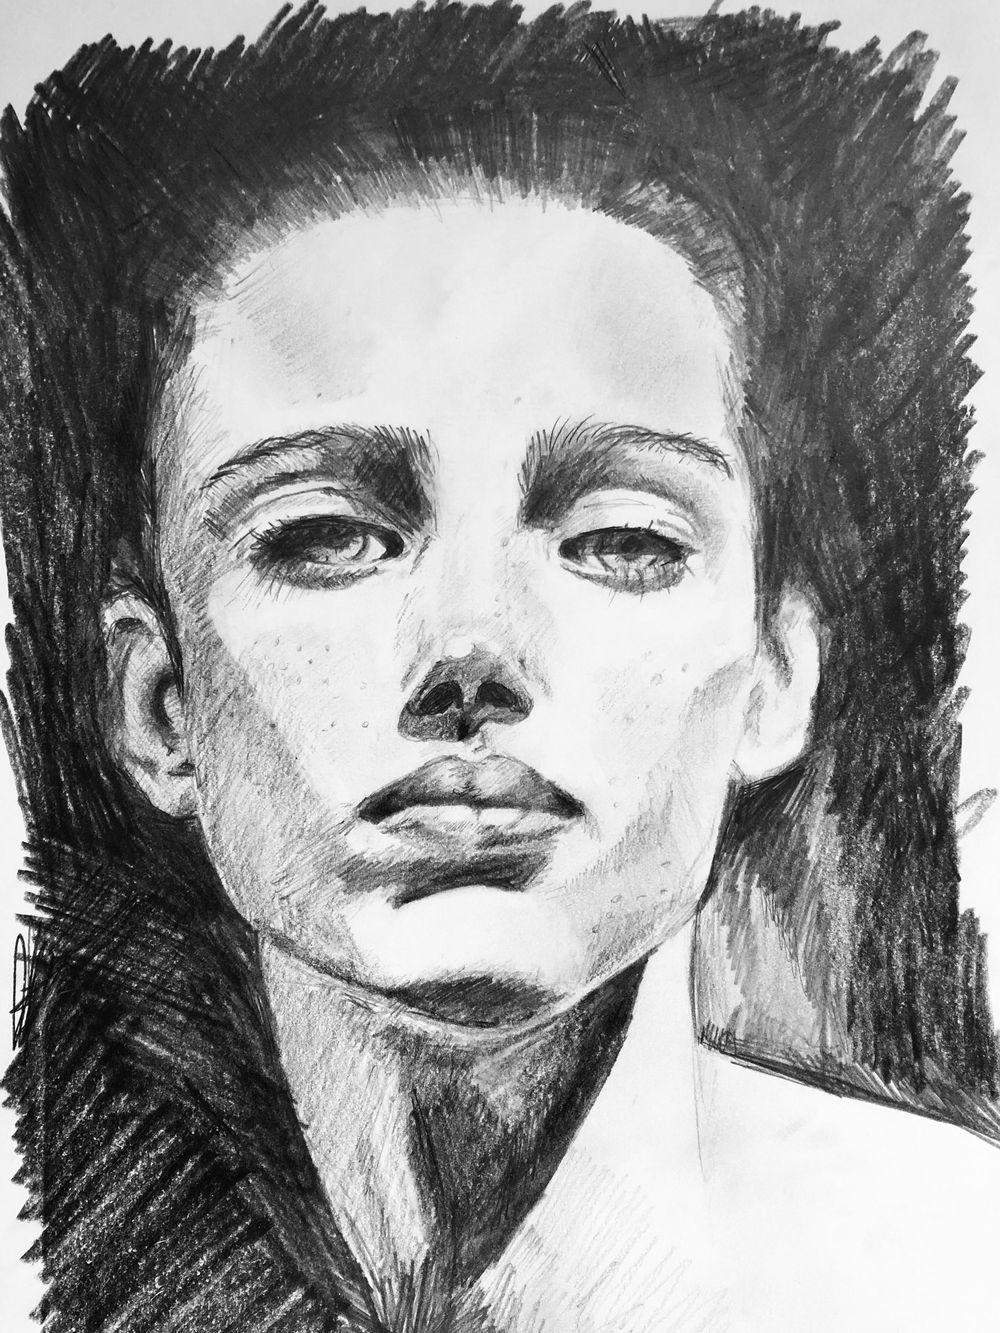 portrait practice - image 2 - student project